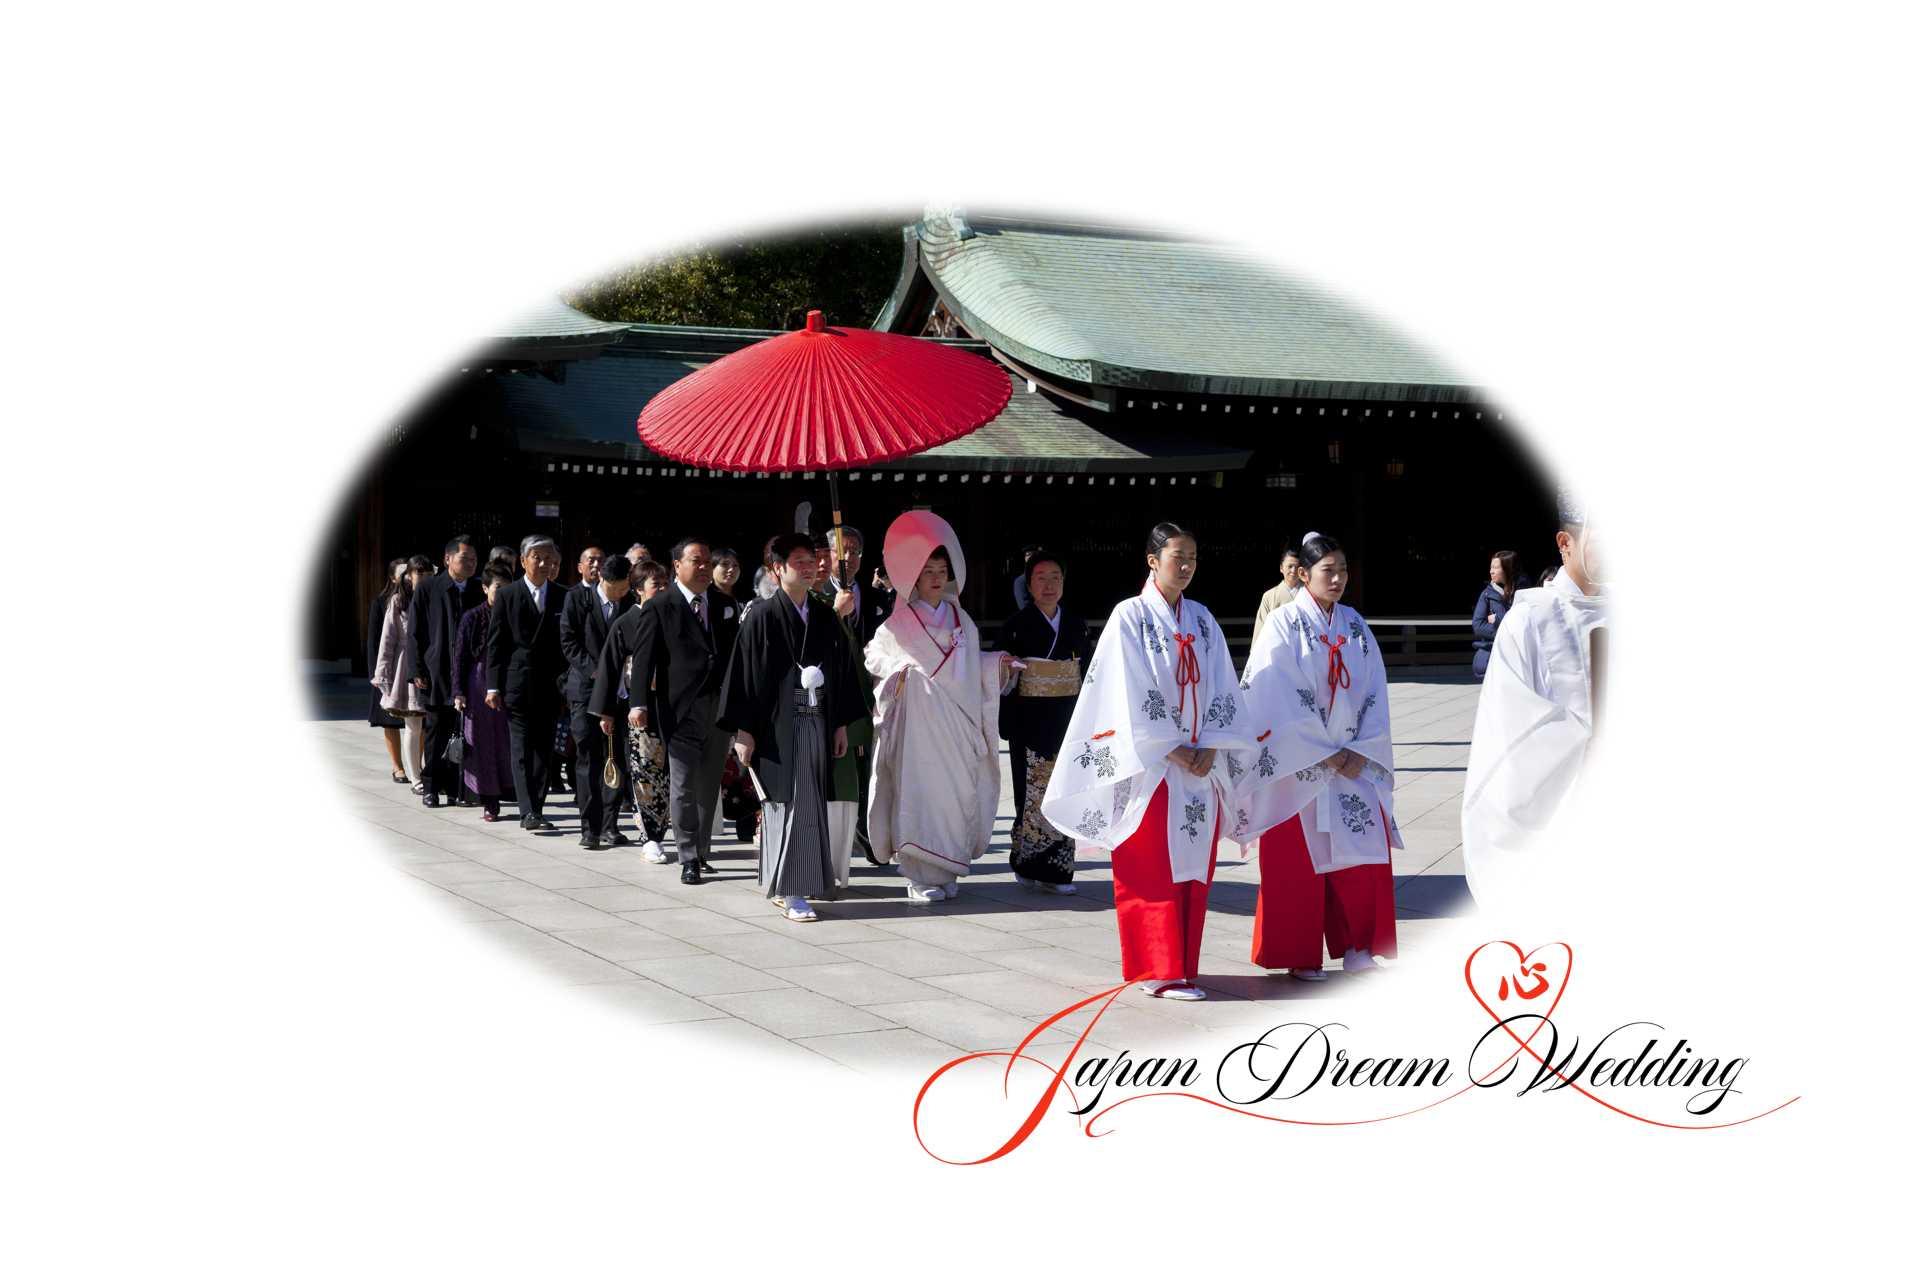 Japan Dream Wedding Guest List